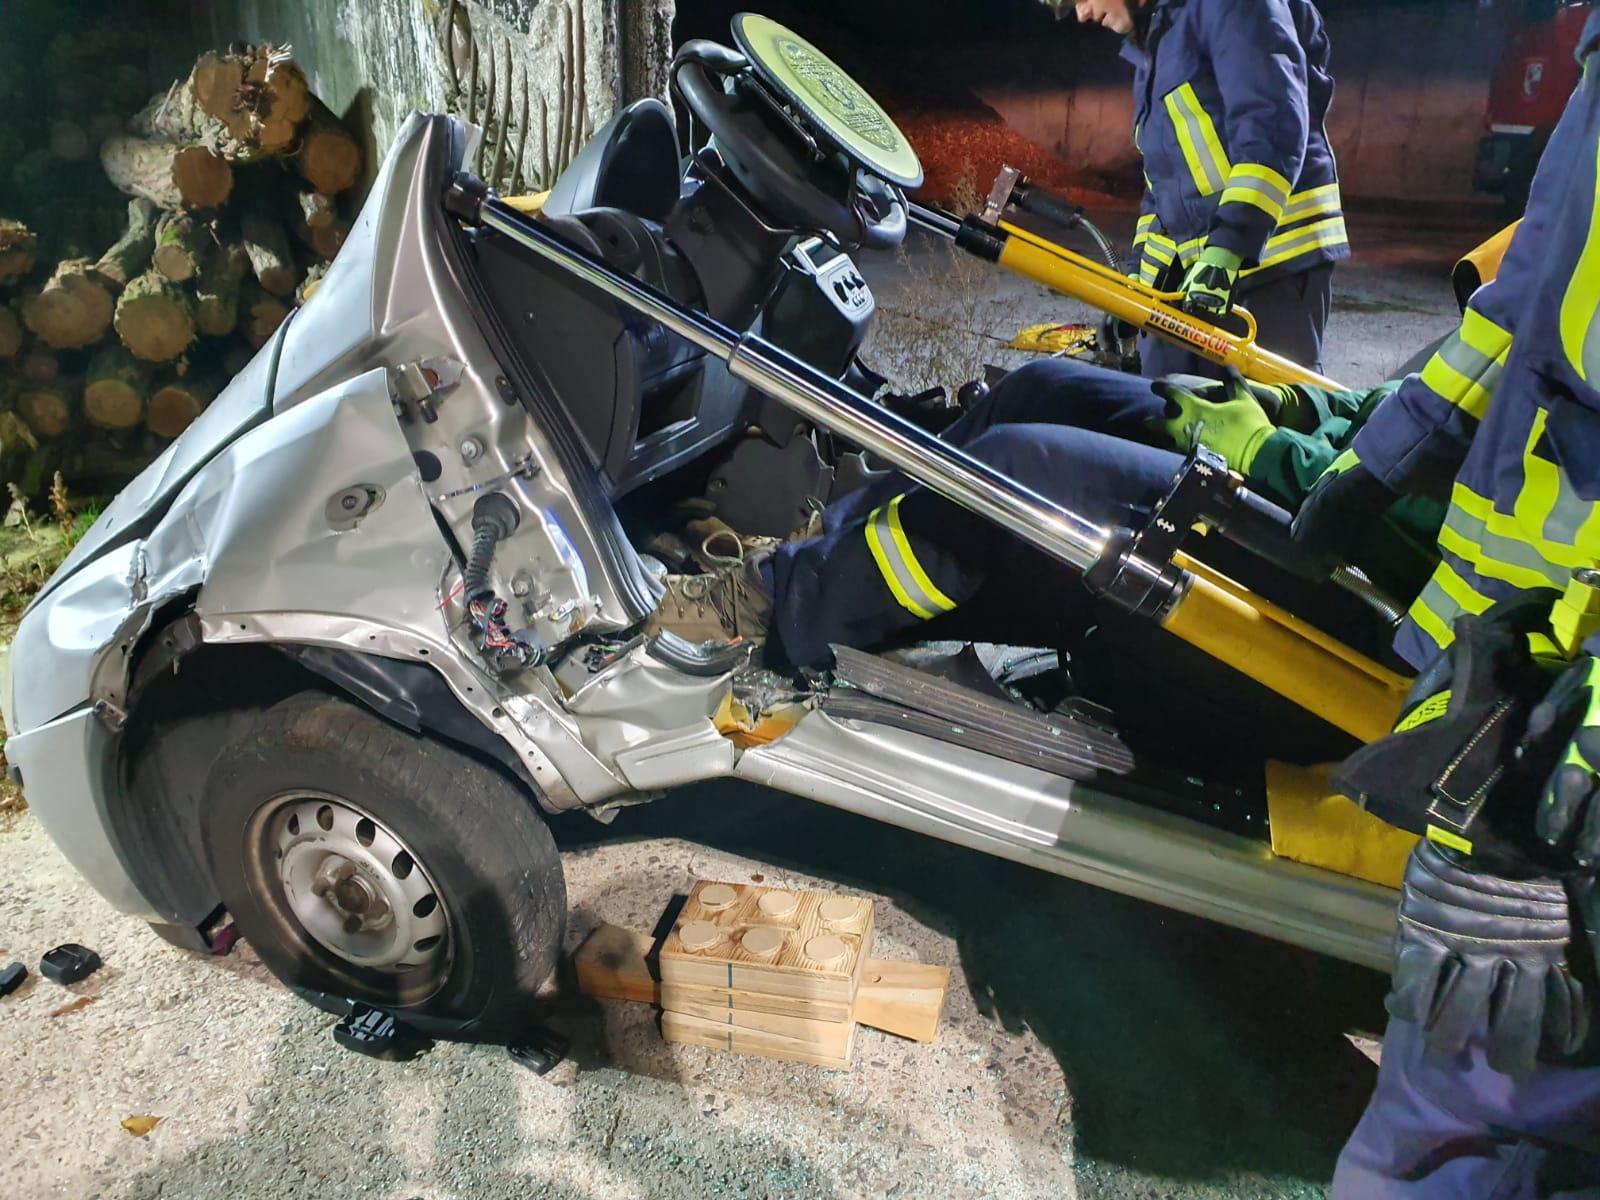 2019-10-23_Feuerwehr-trainiert-Verkehrsunfallhilfe_19